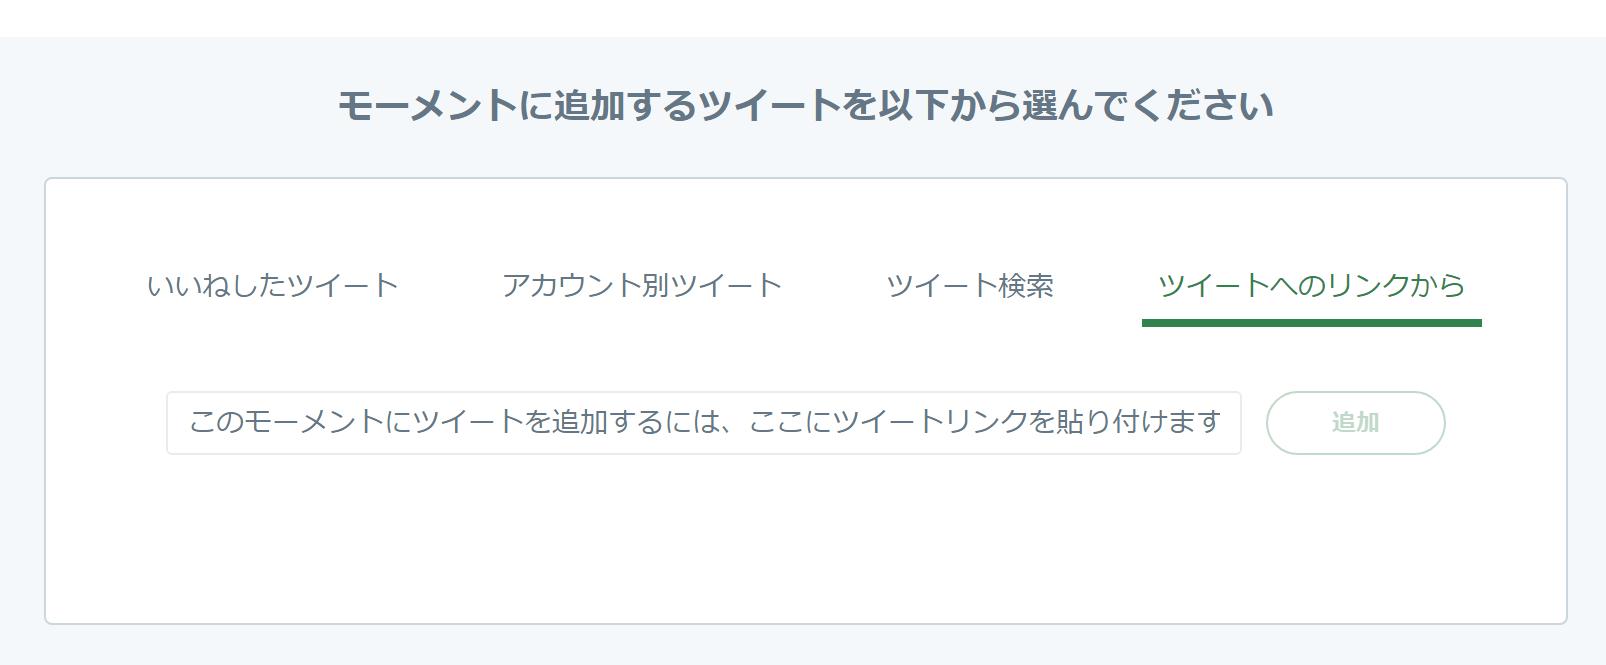 TwitterのPCブラウザ版での自分のモーメントにツイートを追加する方法